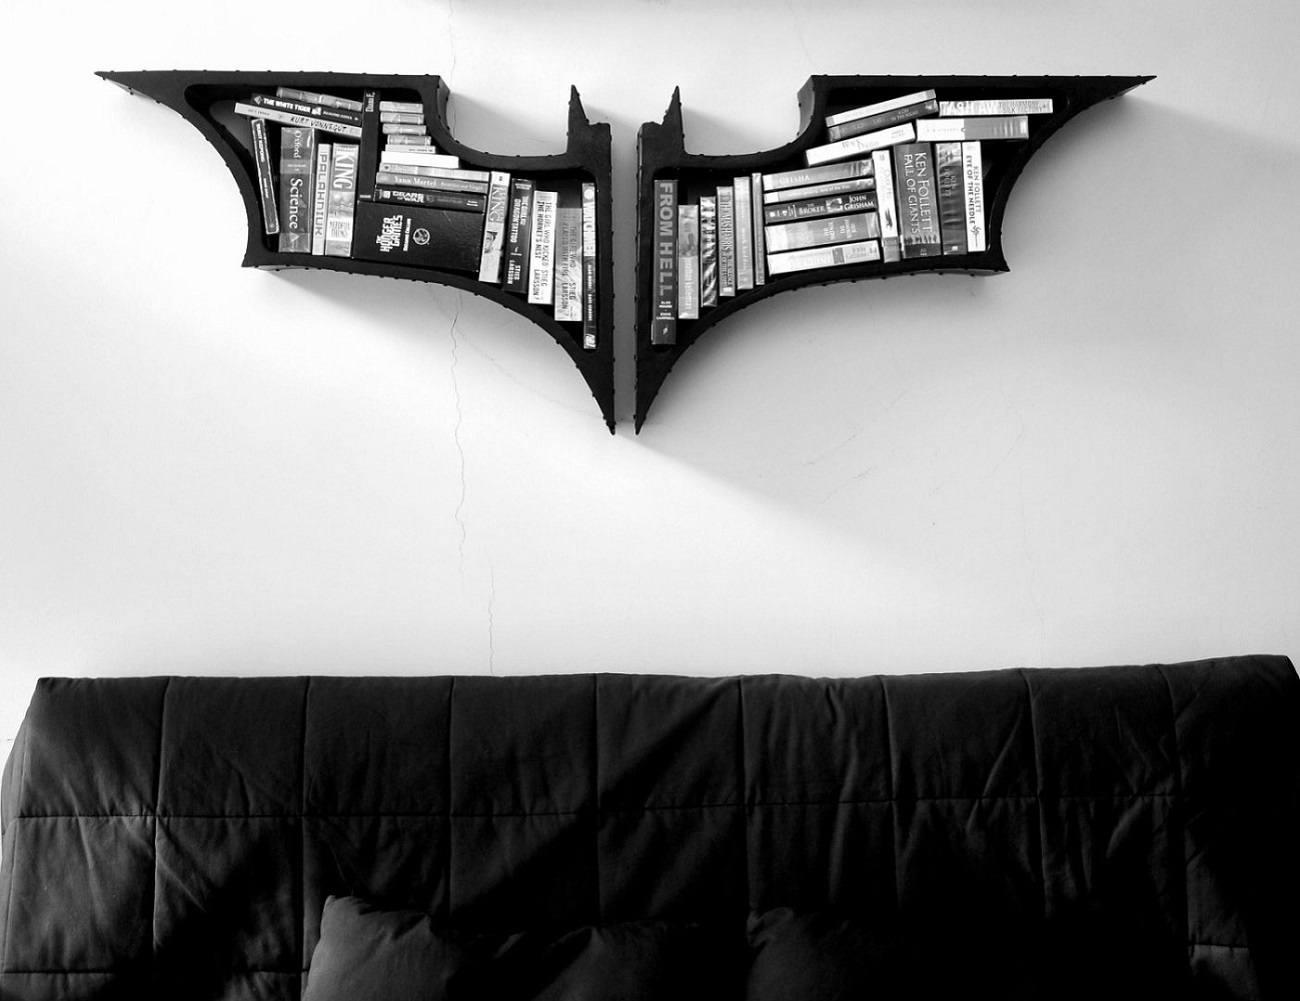 The Dark Knight Bookshelves